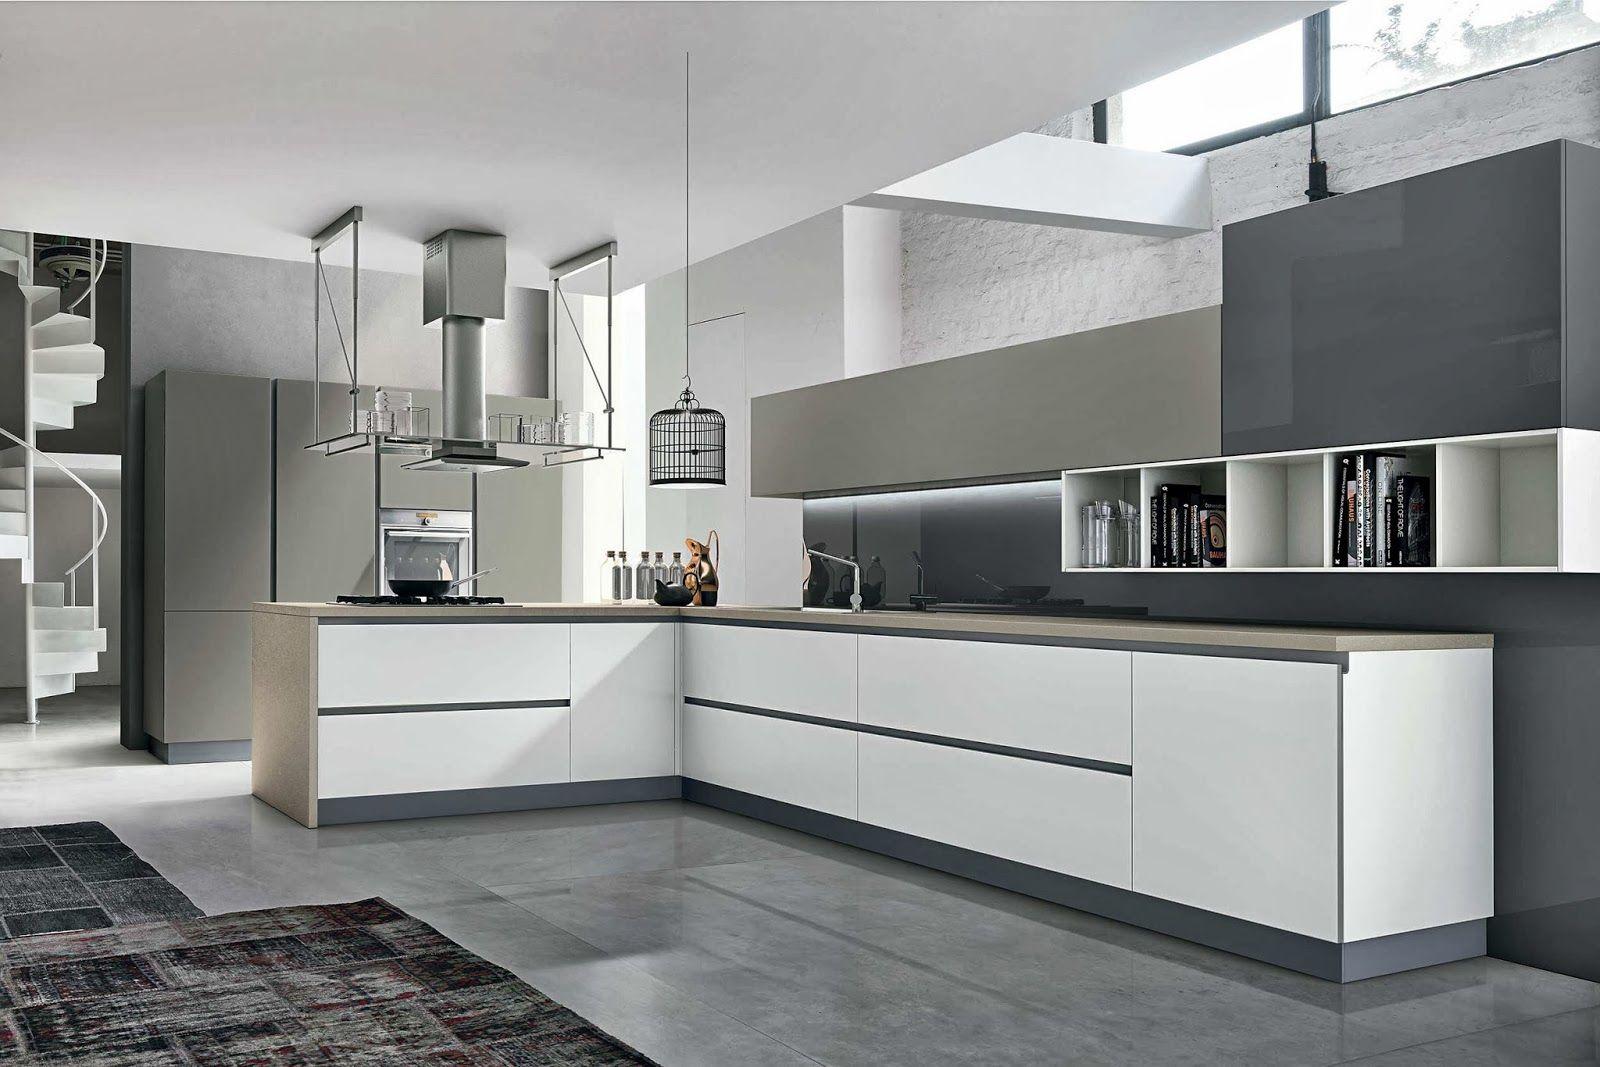 Cuisine Moderne Sans Poignées   Blanche Et Taupe   Composition #design De  Meubles Hauts #